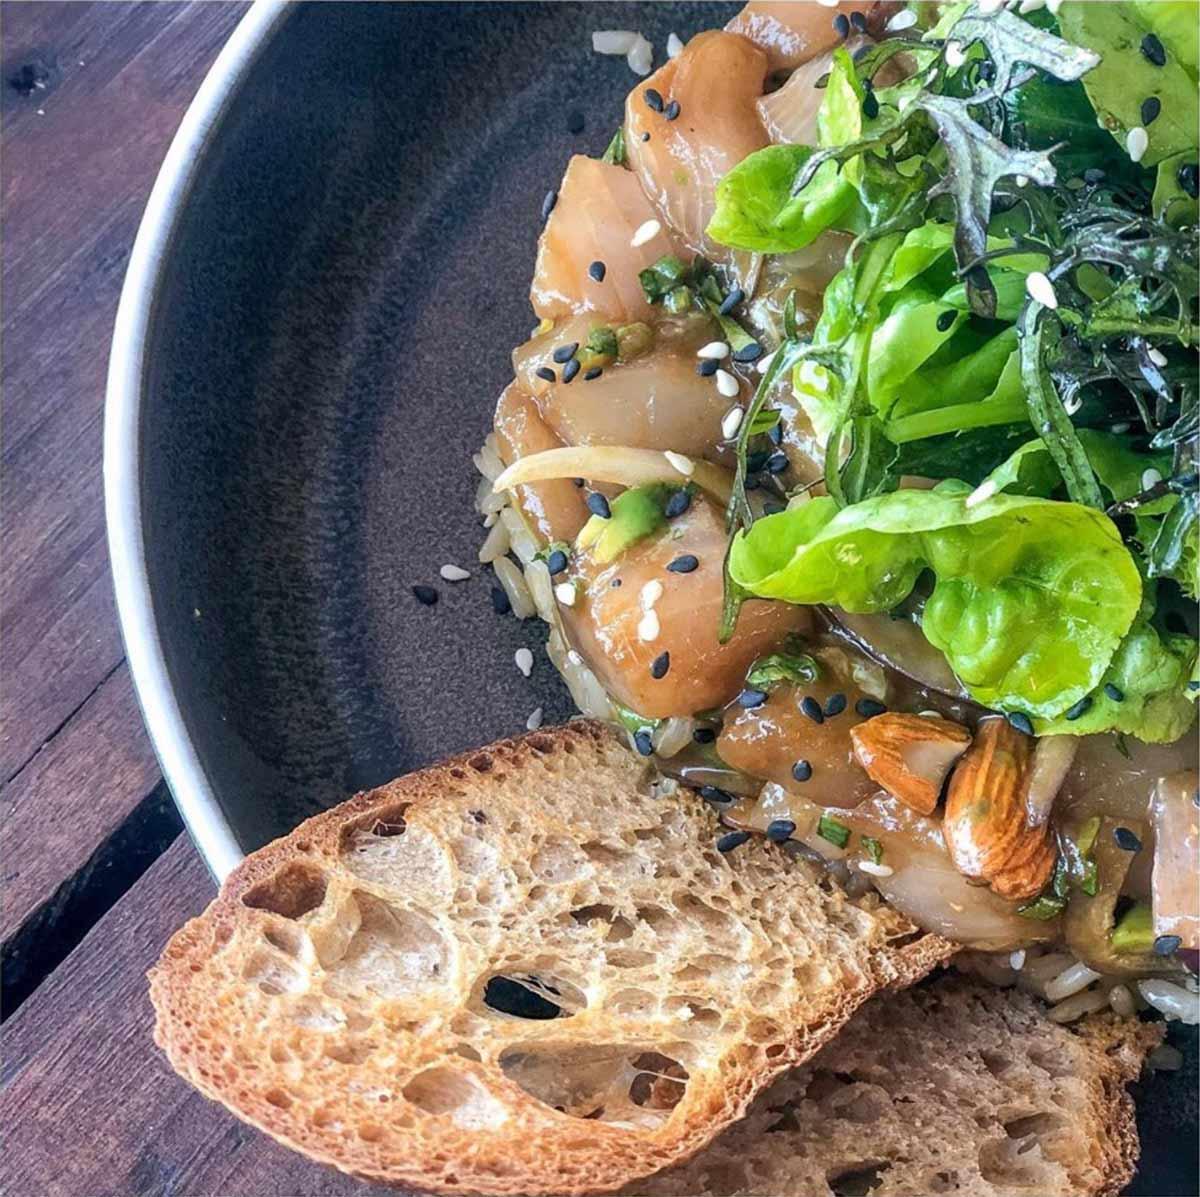 Ceviche al plato con mix verde y pan tostado